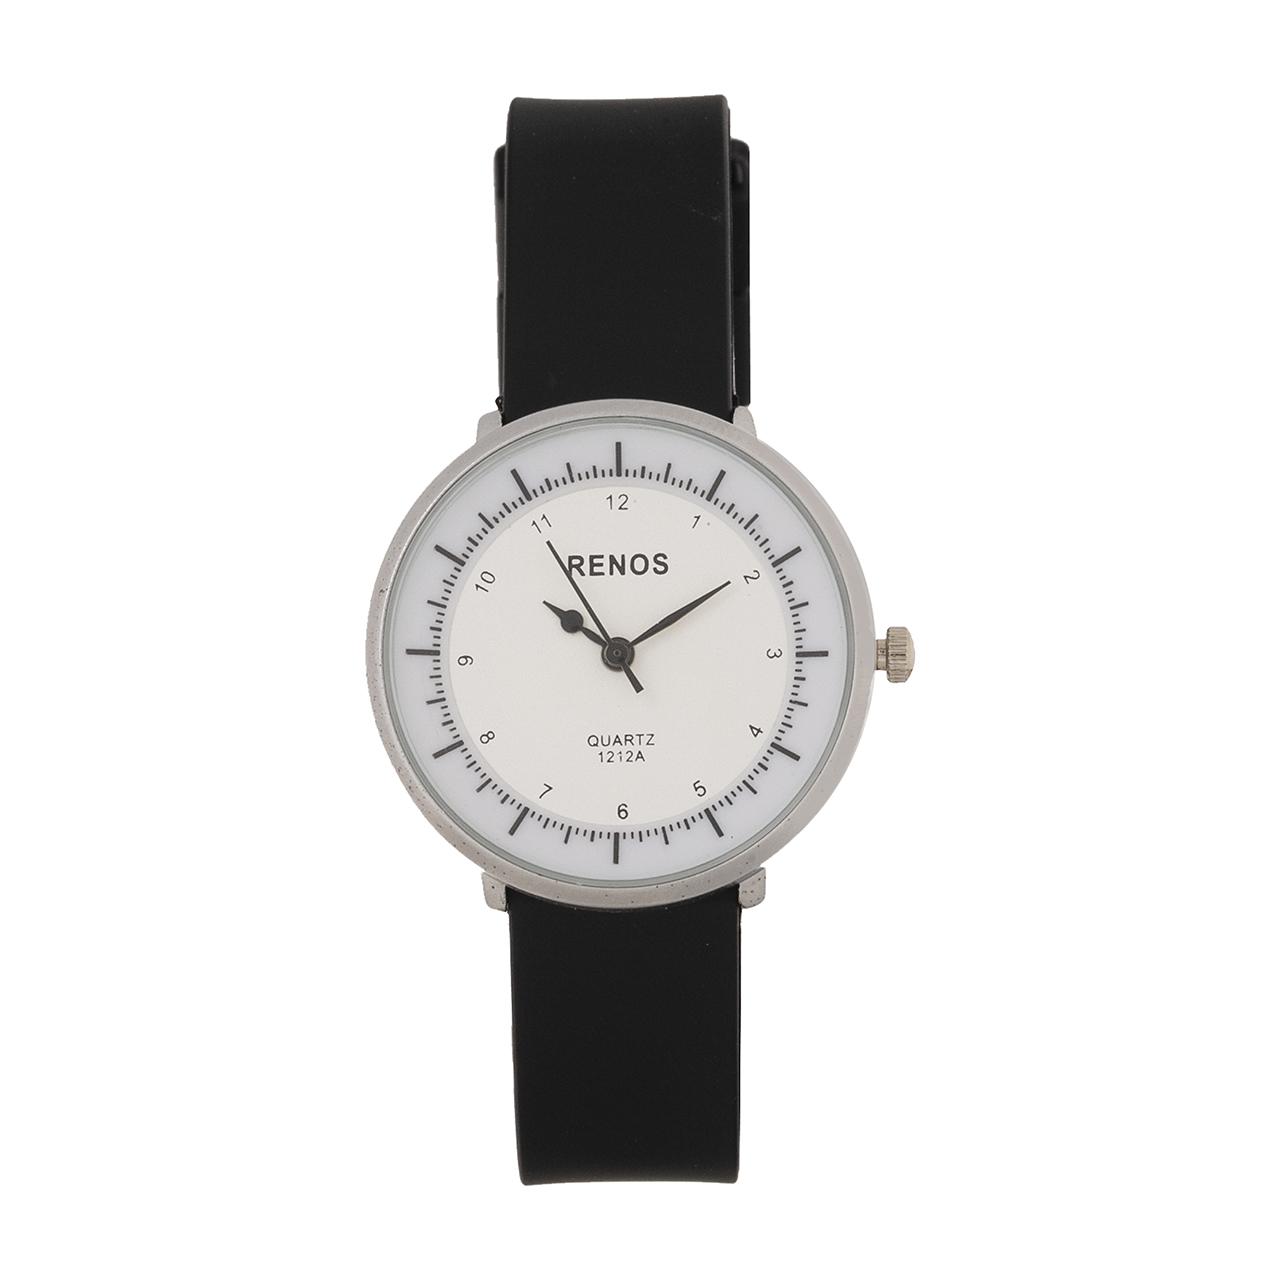 ساعت مچی عقربه ای زنانه رنوس مدل 1212 7